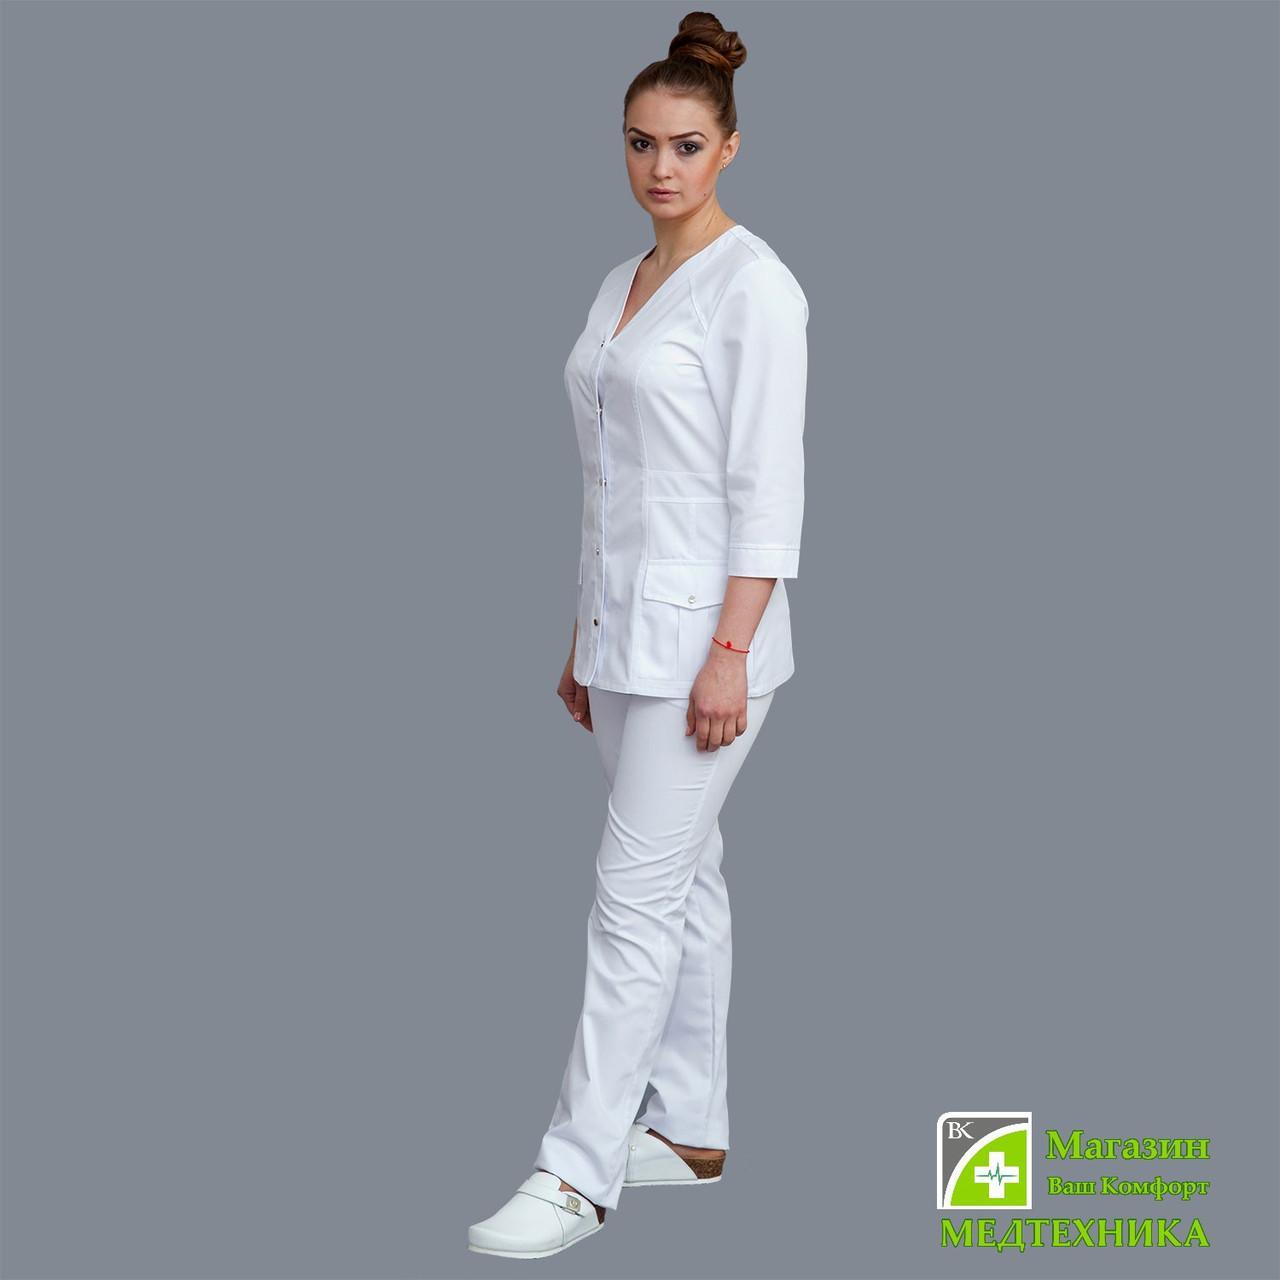 Женская медицинская куртка «Доминика»